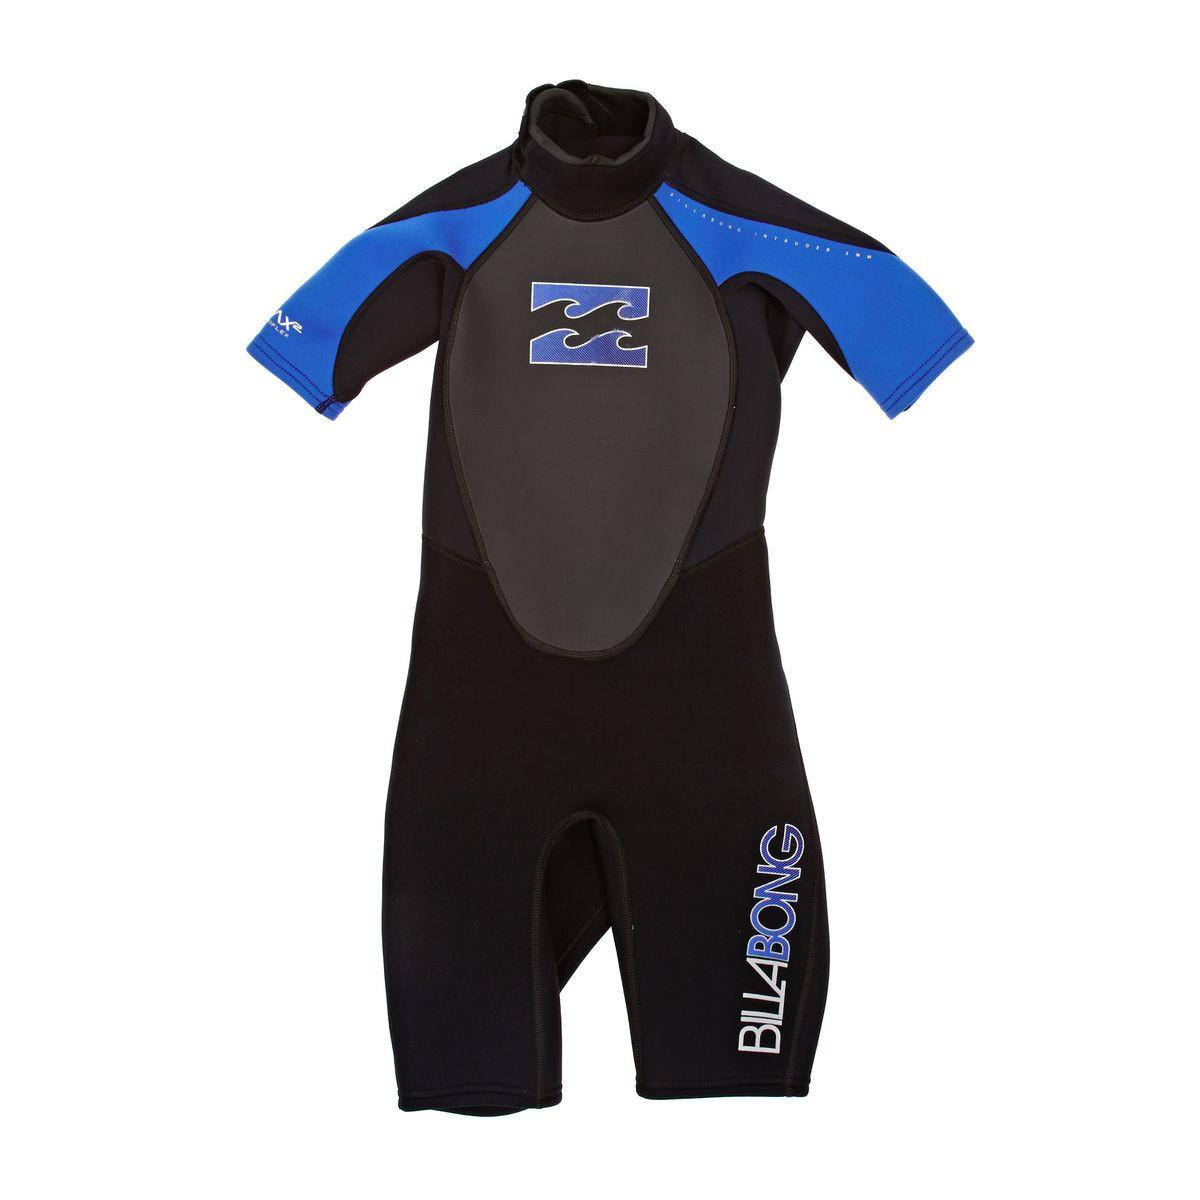 Billabong Boys Intruder 2mm Short Sleeve Wetsuit - Blue